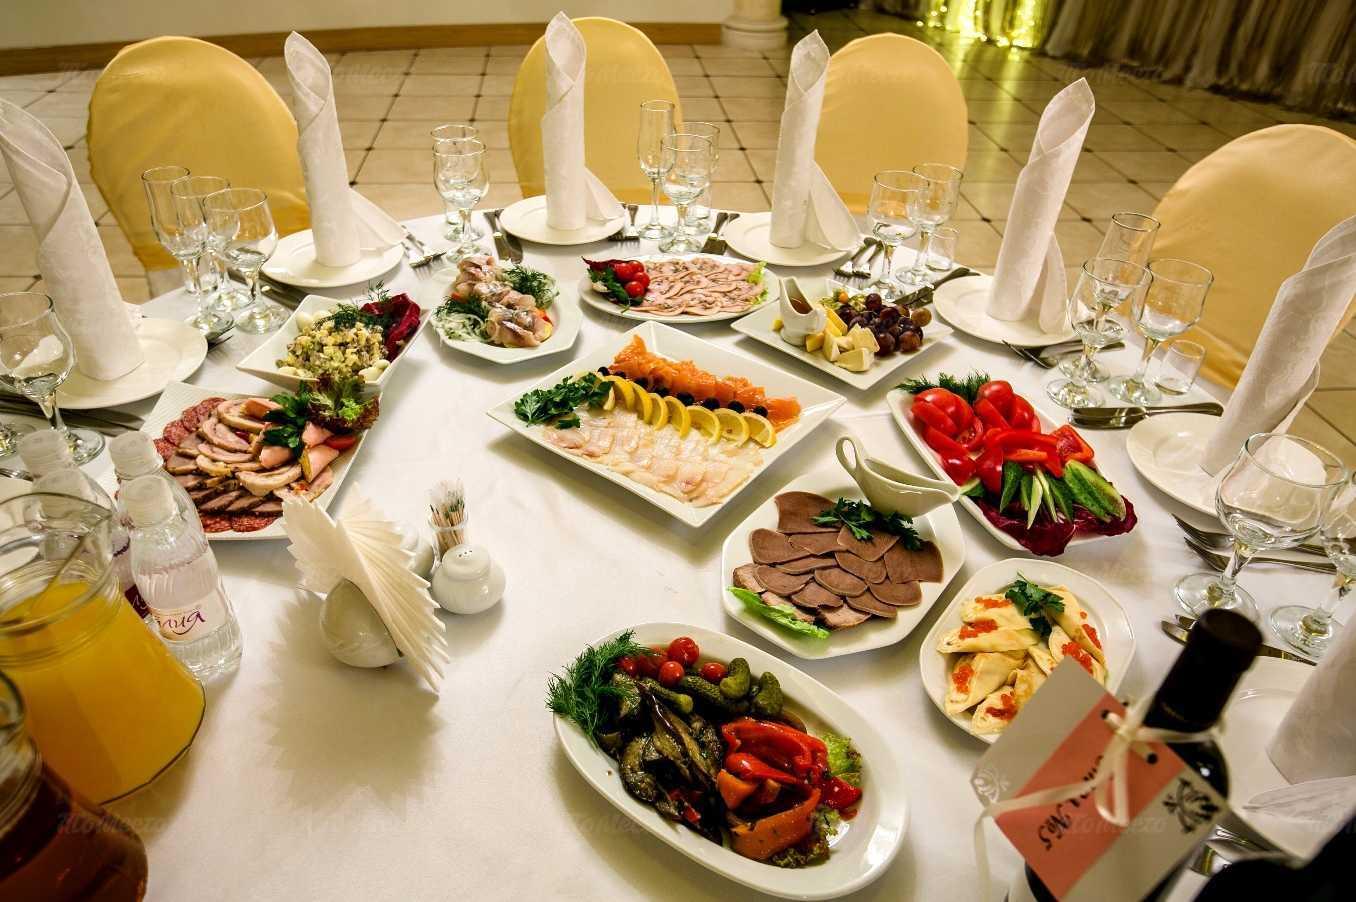 Меню ресторана Юбилей Голд на проспекте Просвещения